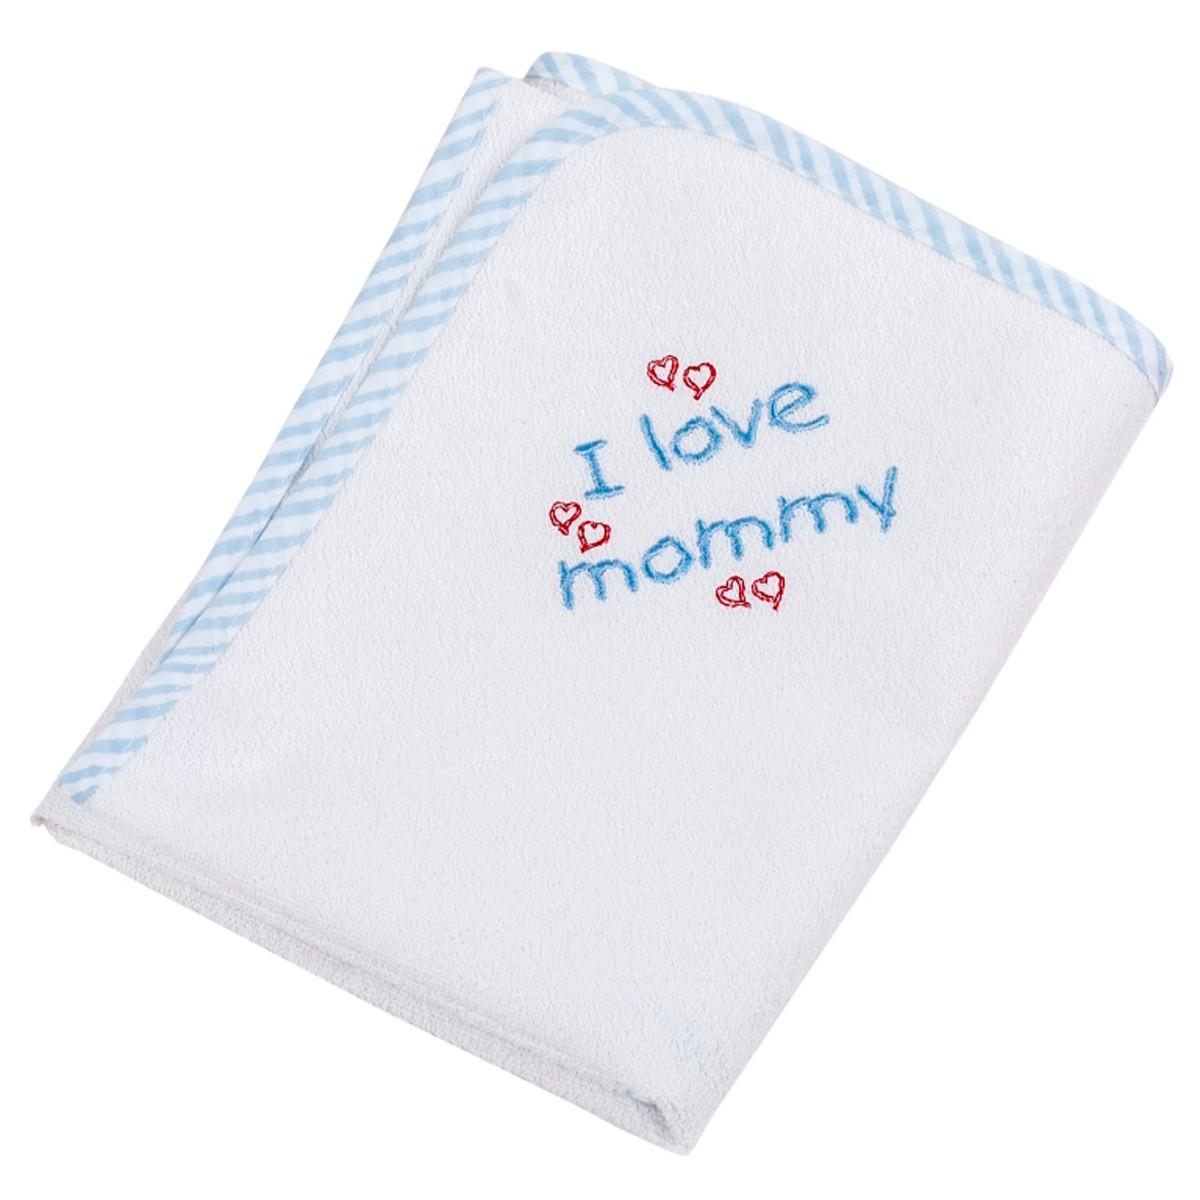 Βρεφικό Σελτεδάκι (60x80) Κόσμος Του Μωρού Mommy 0625 Σιέλ